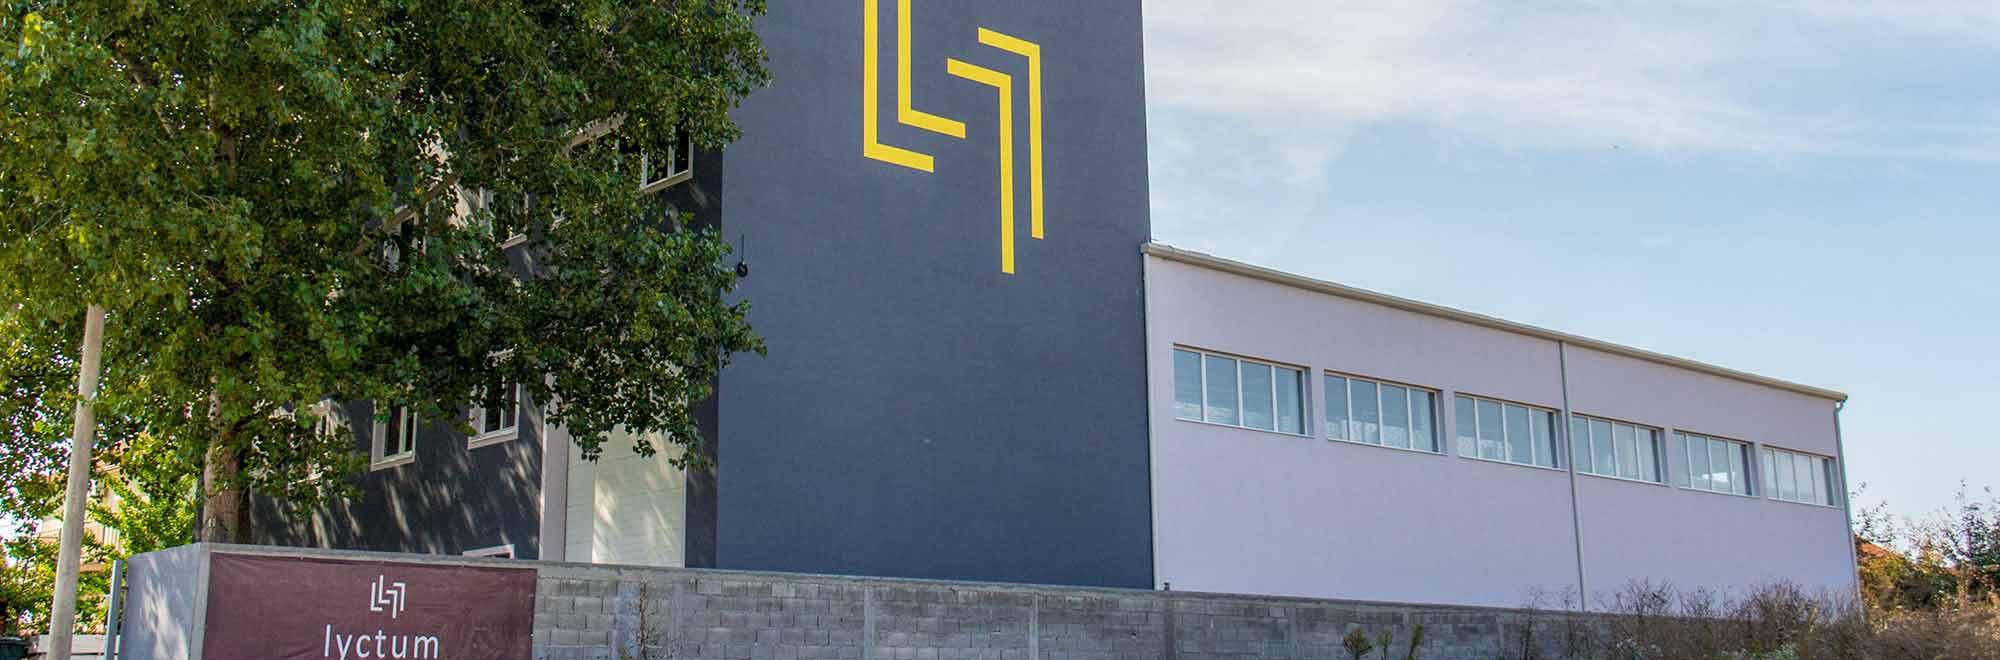 Spoljašnji izgled lyctum zgrade